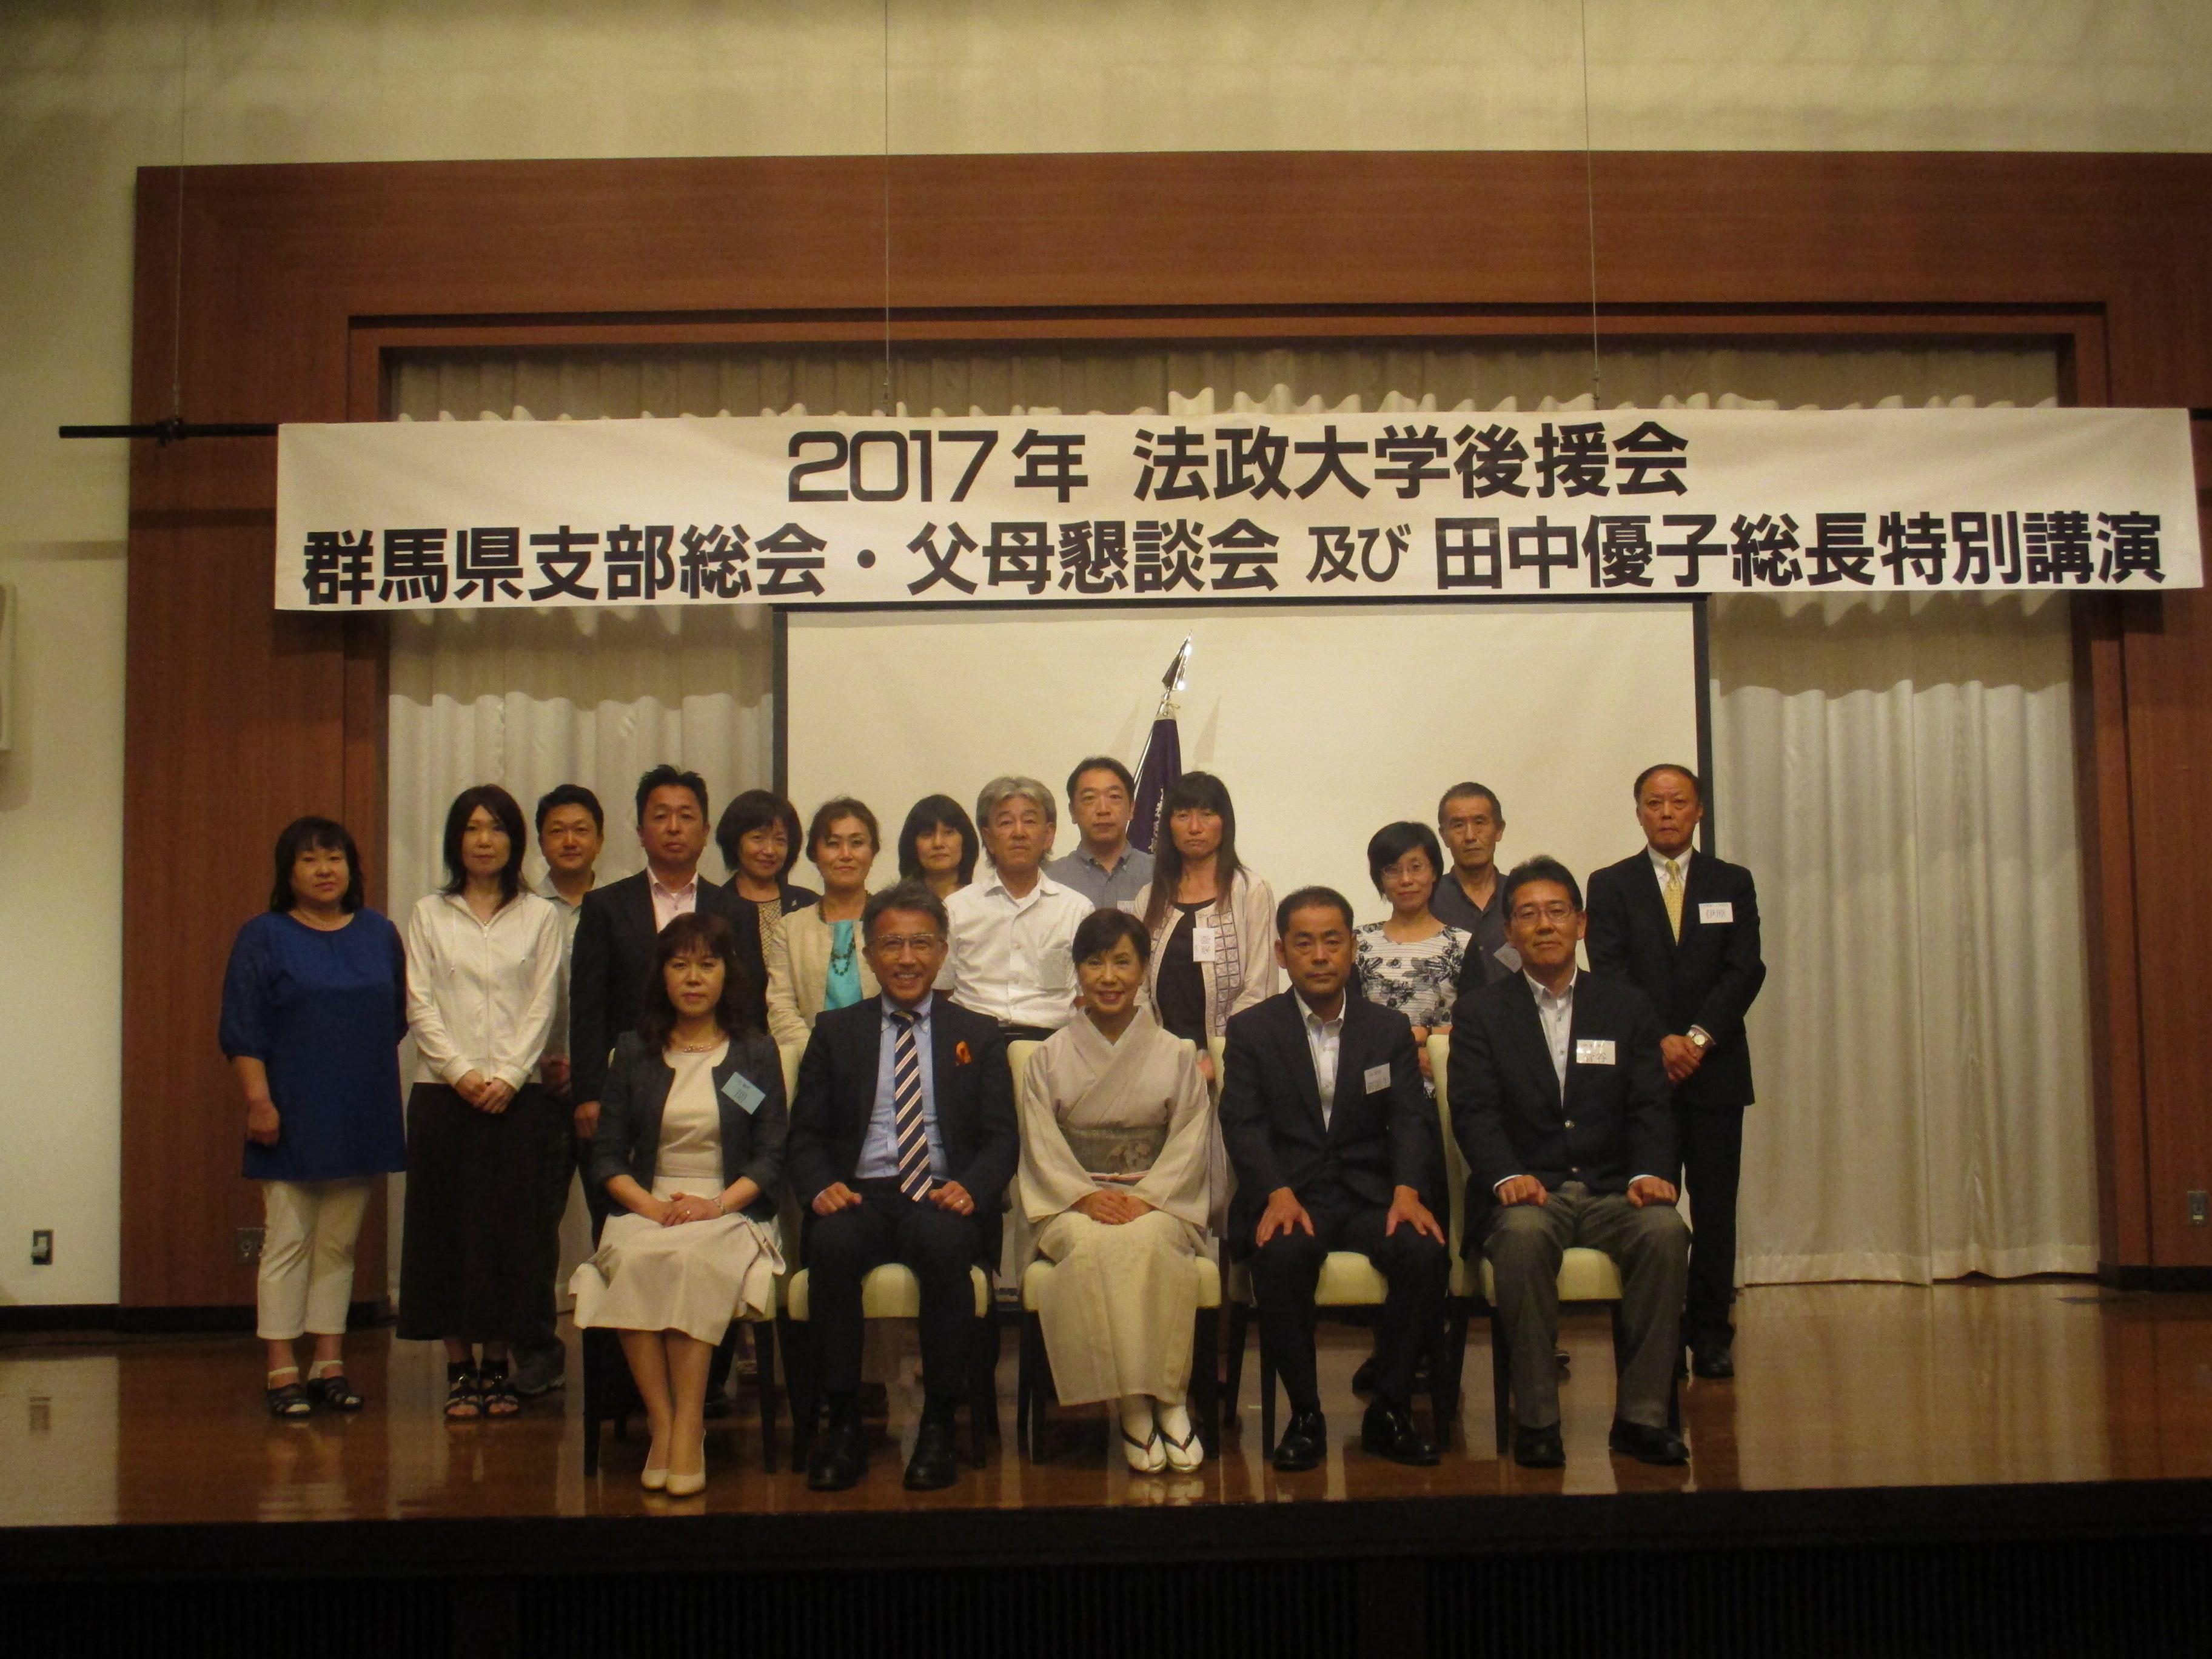 群馬県支部総会・父母懇談会開催報告